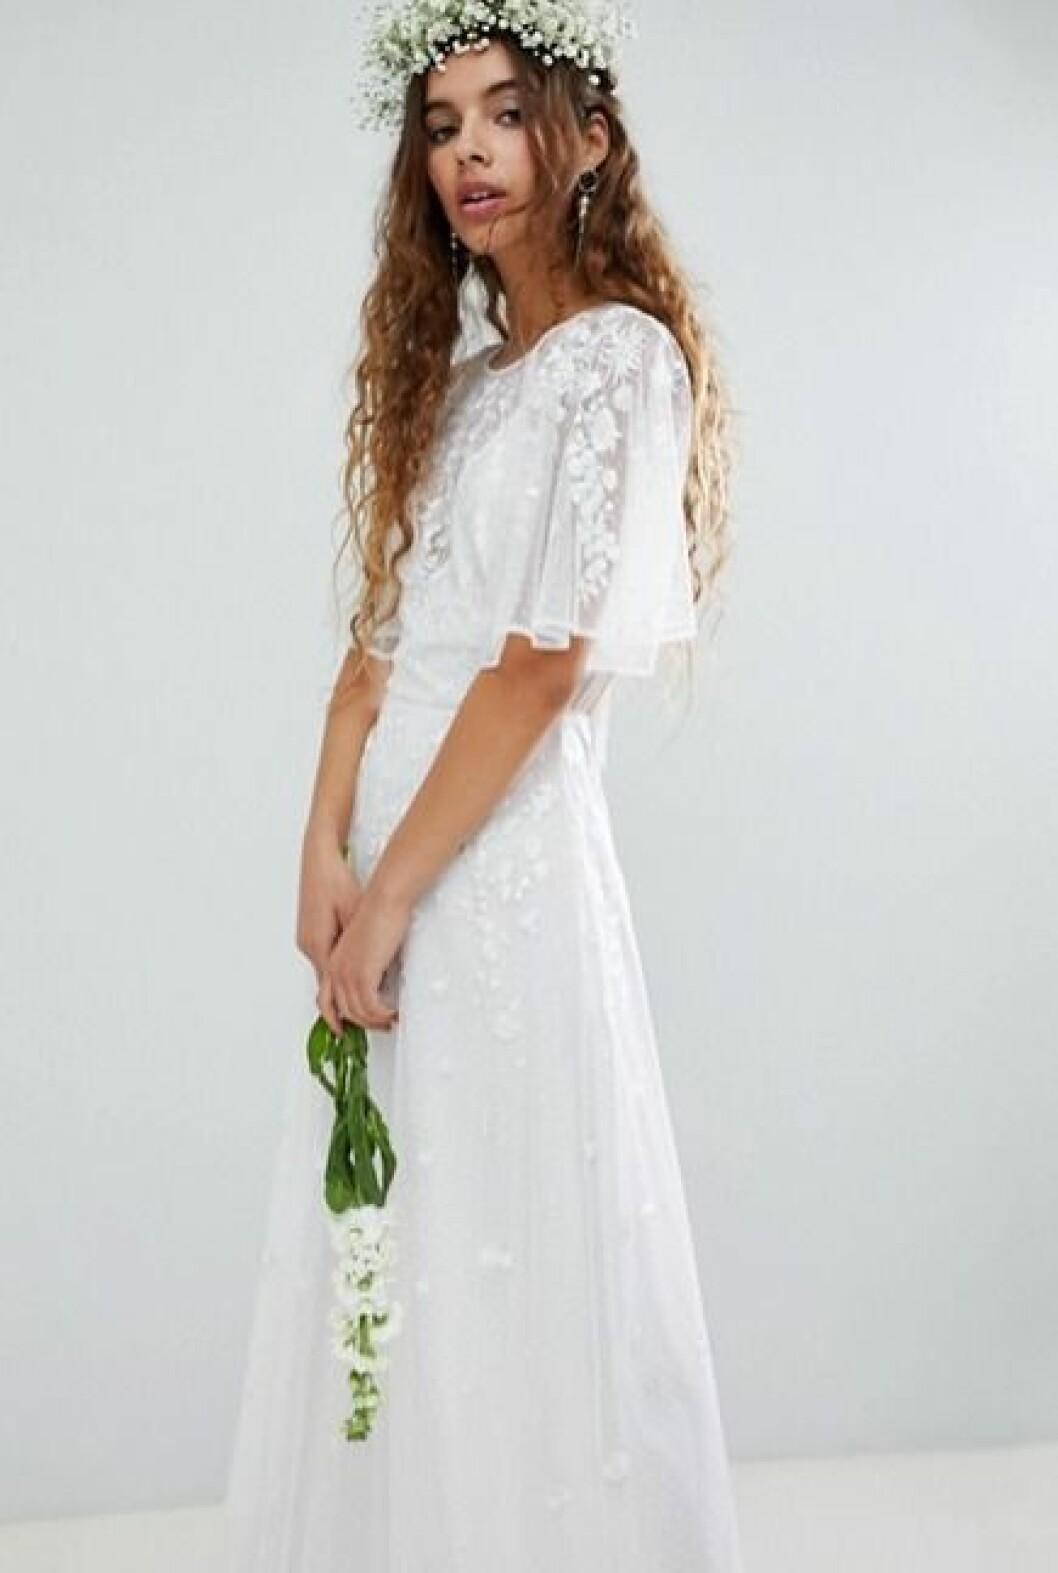 Billig bröllopsklänning med spets och vid ärm till 2019